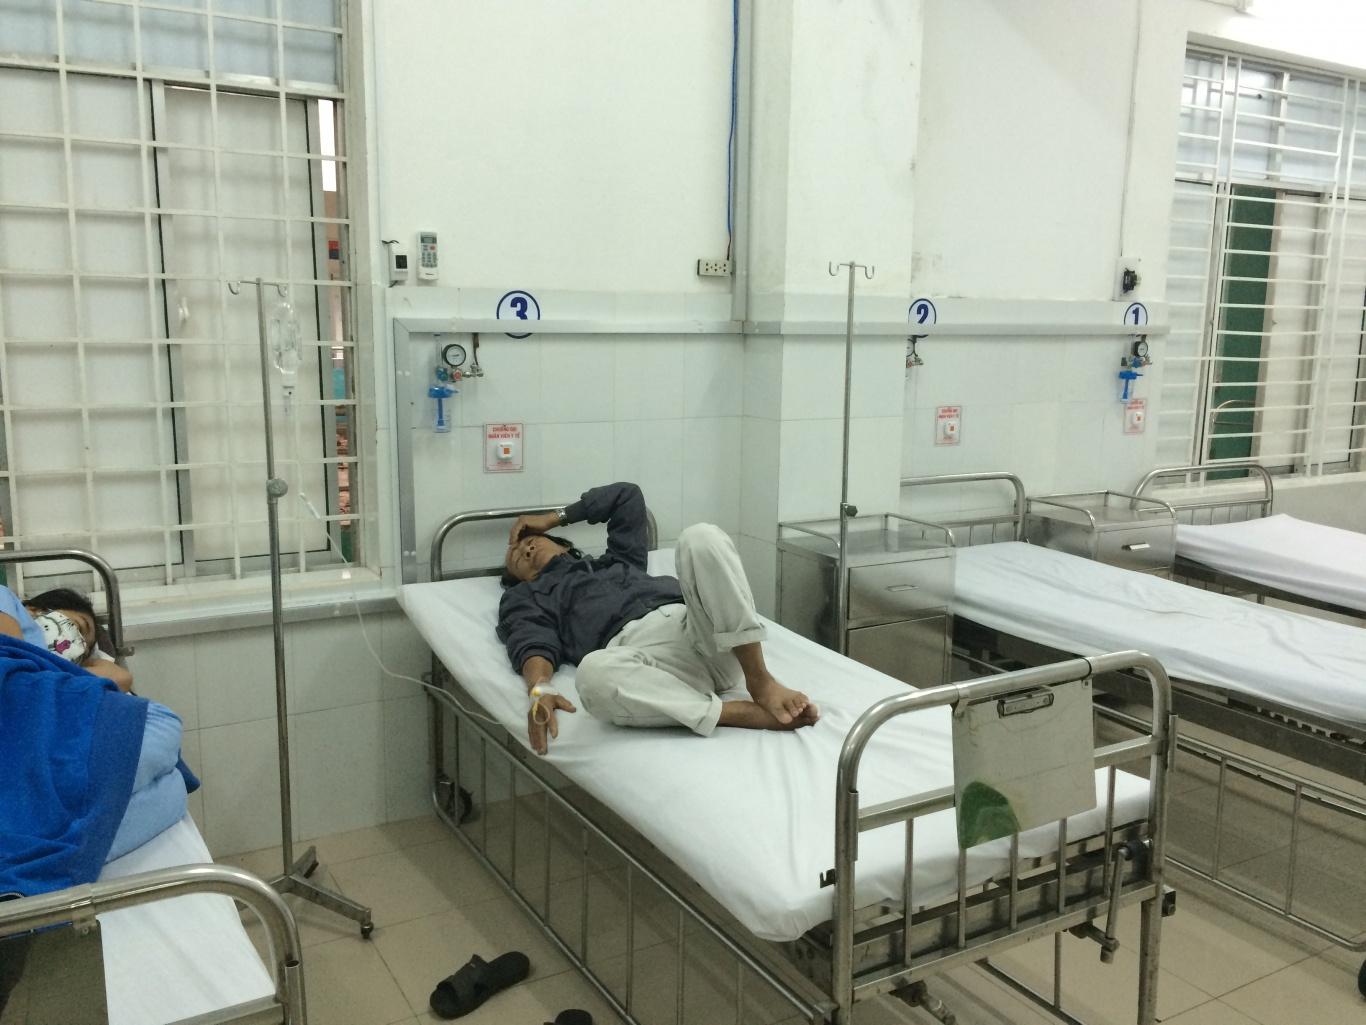 nút chuông bấm gọi y tá ST-100 không dây được lắp tại khoa hồi sức cấp cứu trung tâm y tế quận Ngũ Hành Sơn Đà Nẵng